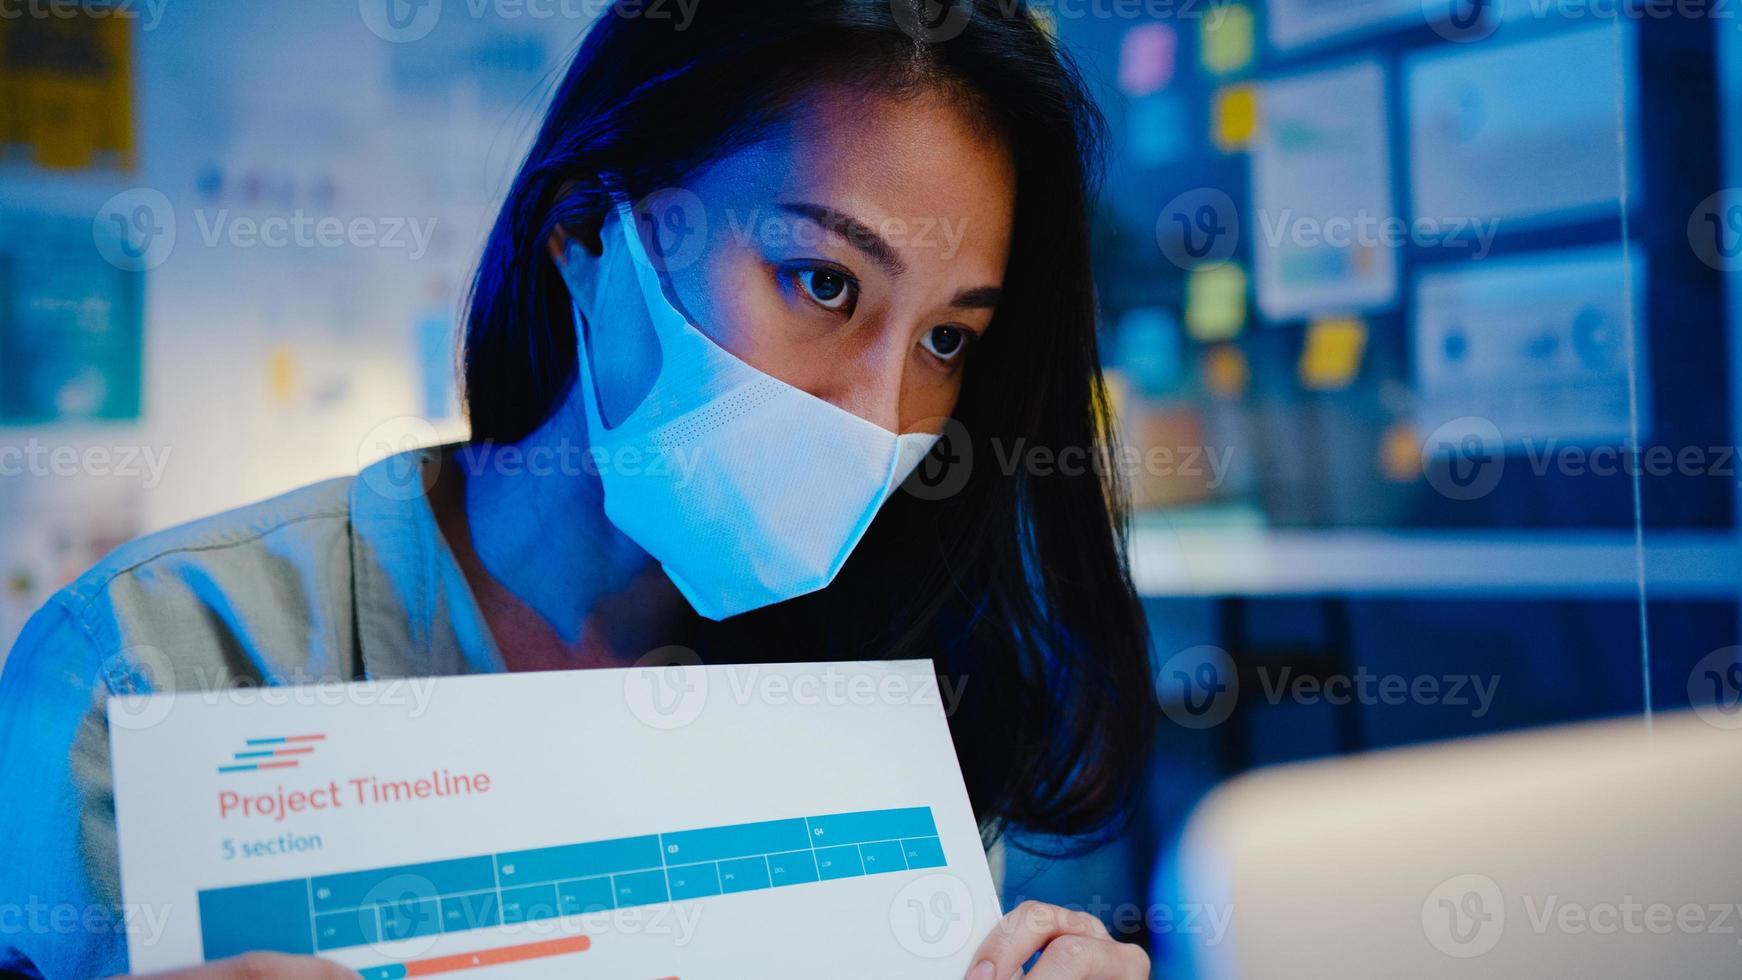 Asia empresaria distanciamiento social en una nueva situación normal para la prevención mientras usa la presentación de la computadora portátil a sus colegas sobre el plan en la videollamada mientras trabaja en la noche de la oficina. vida después del virus corona. foto